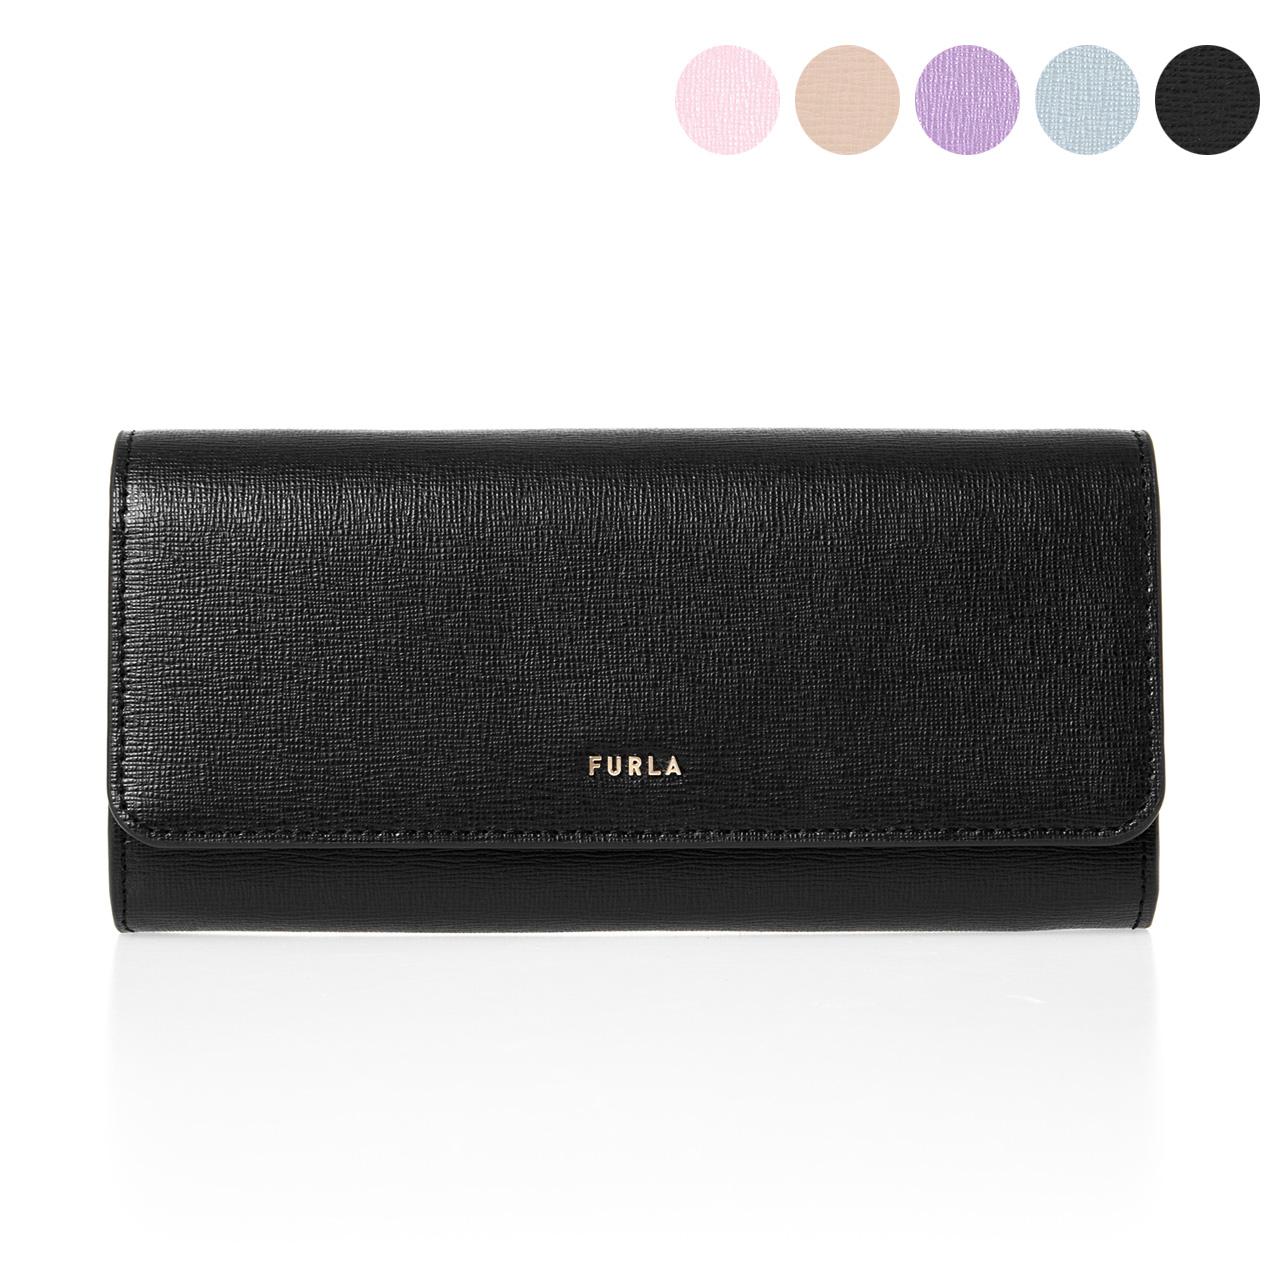 フルラ FURLA 財布 レディース 長財布 BABYLON XL BI-FOLD [バビロン] PS12 B30 [全7色]【母の日】